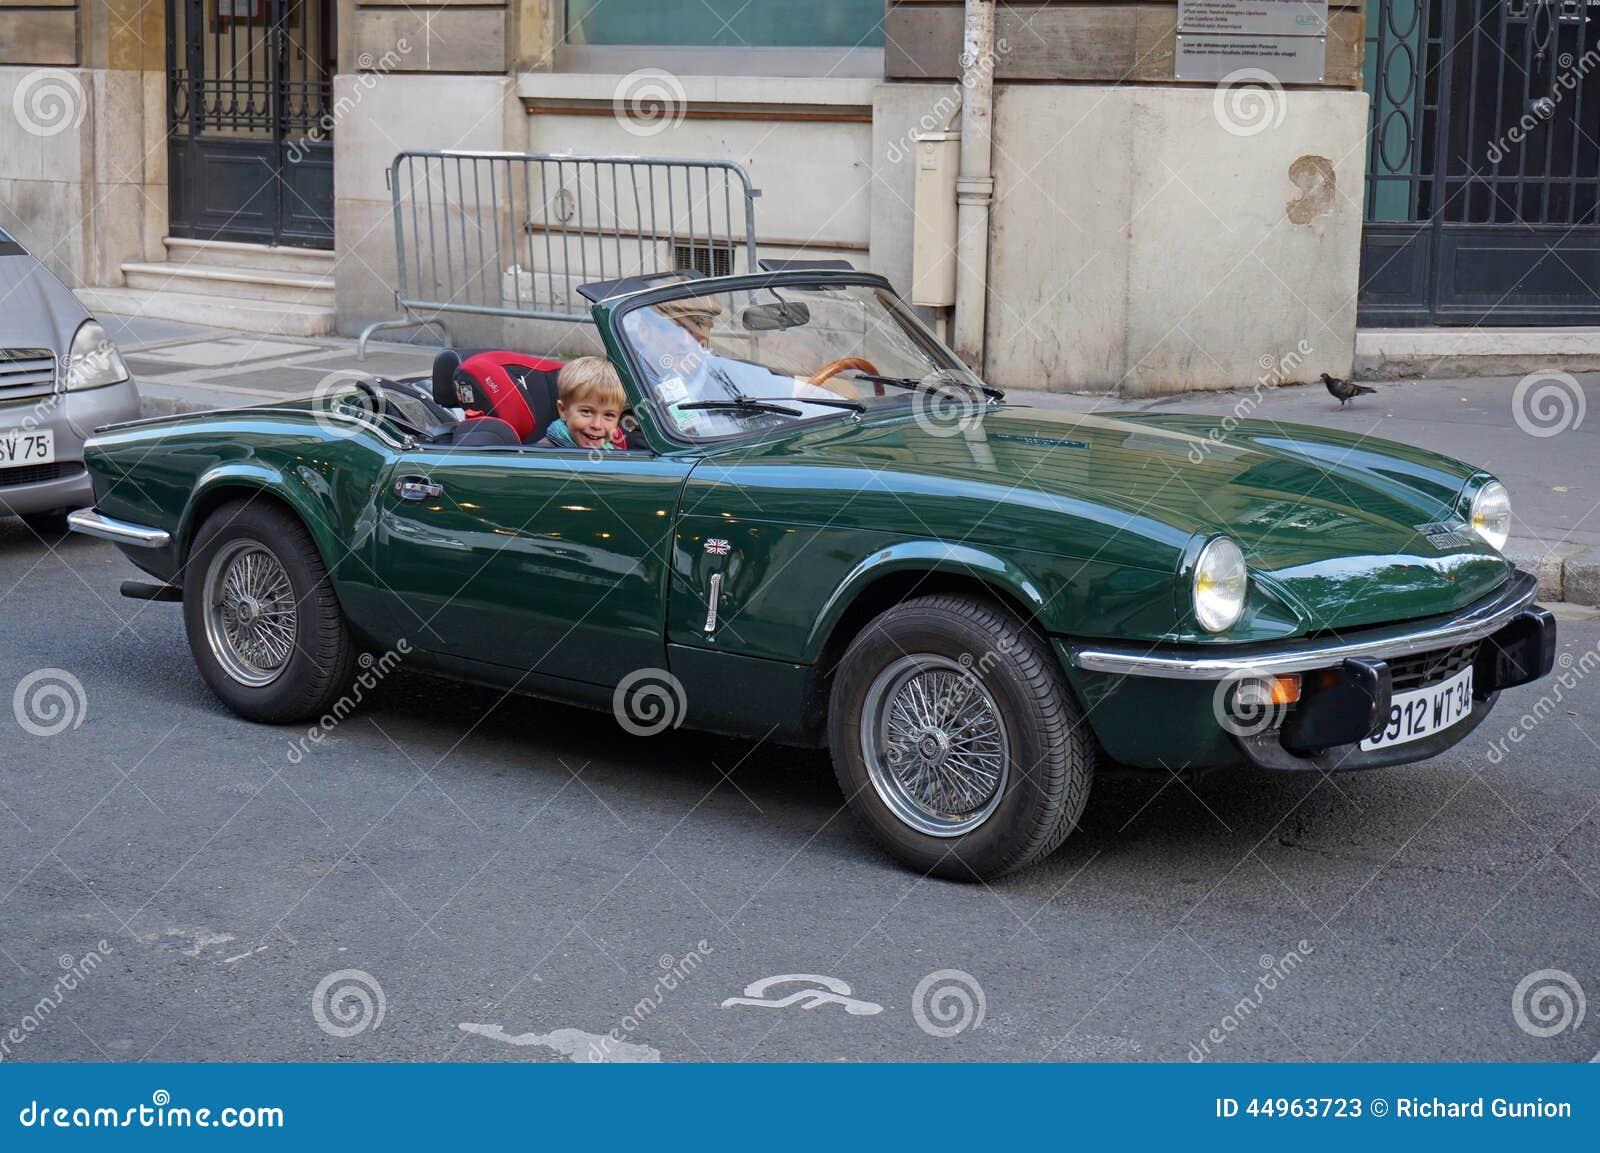 Vintage Triumph Sports Car